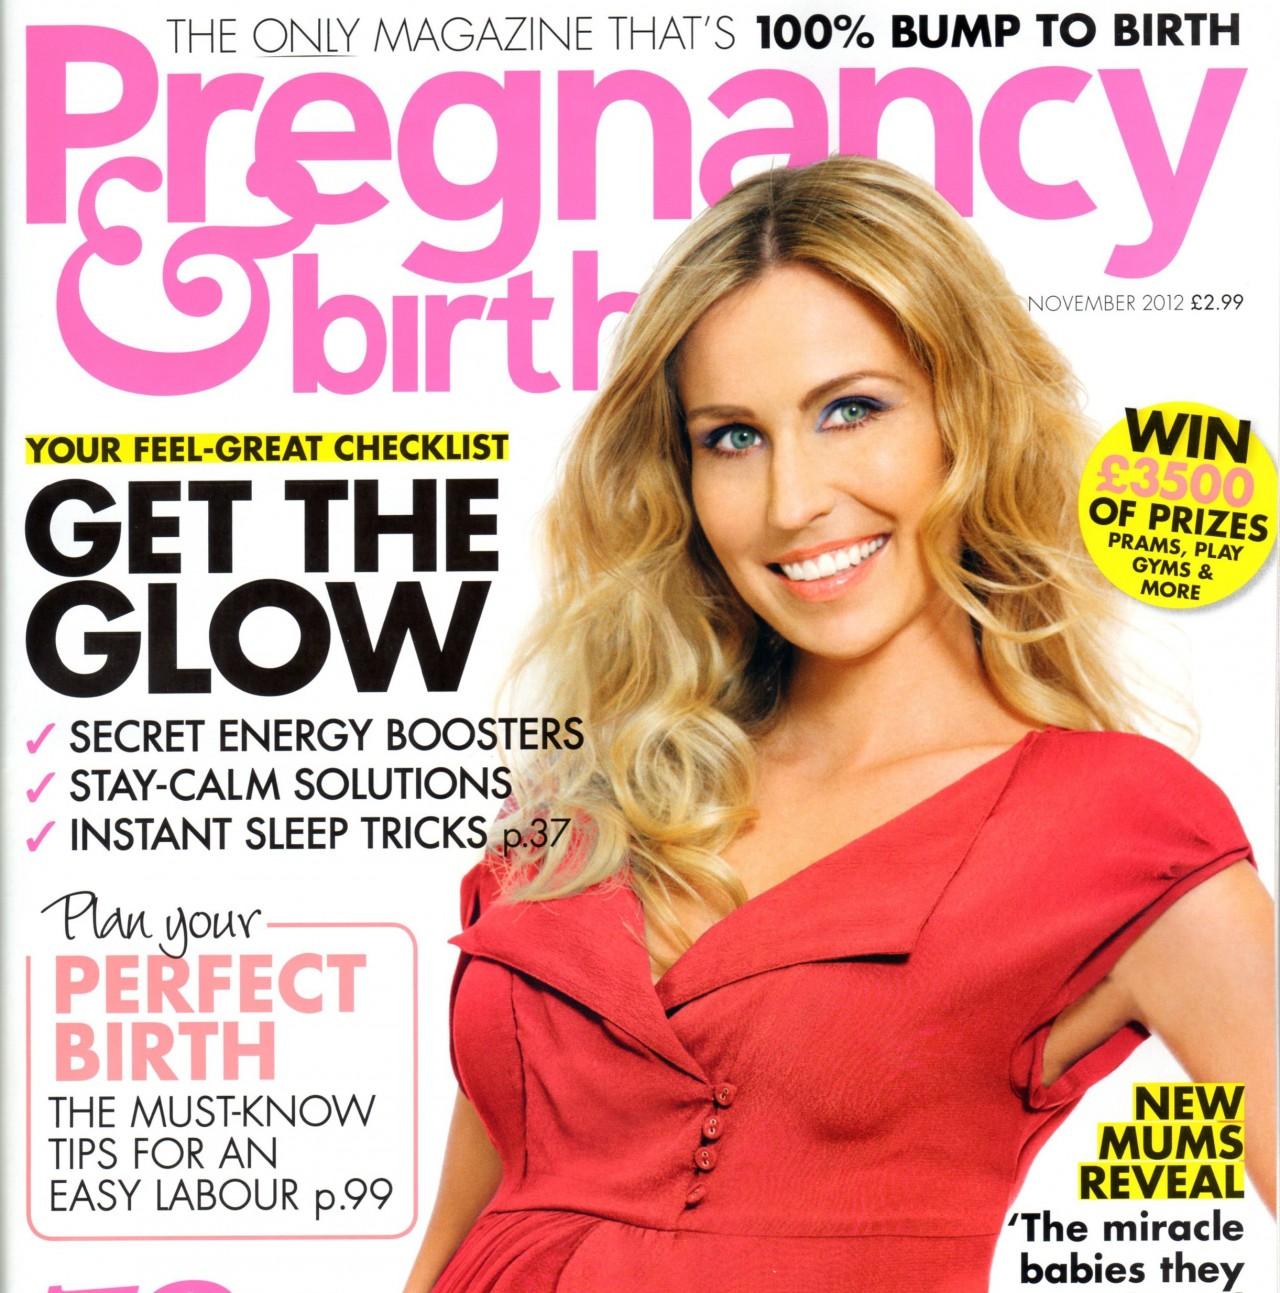 Pregnancy-&-Birth-Magazine-Maternity-Wardrobe-Organising-November-2012